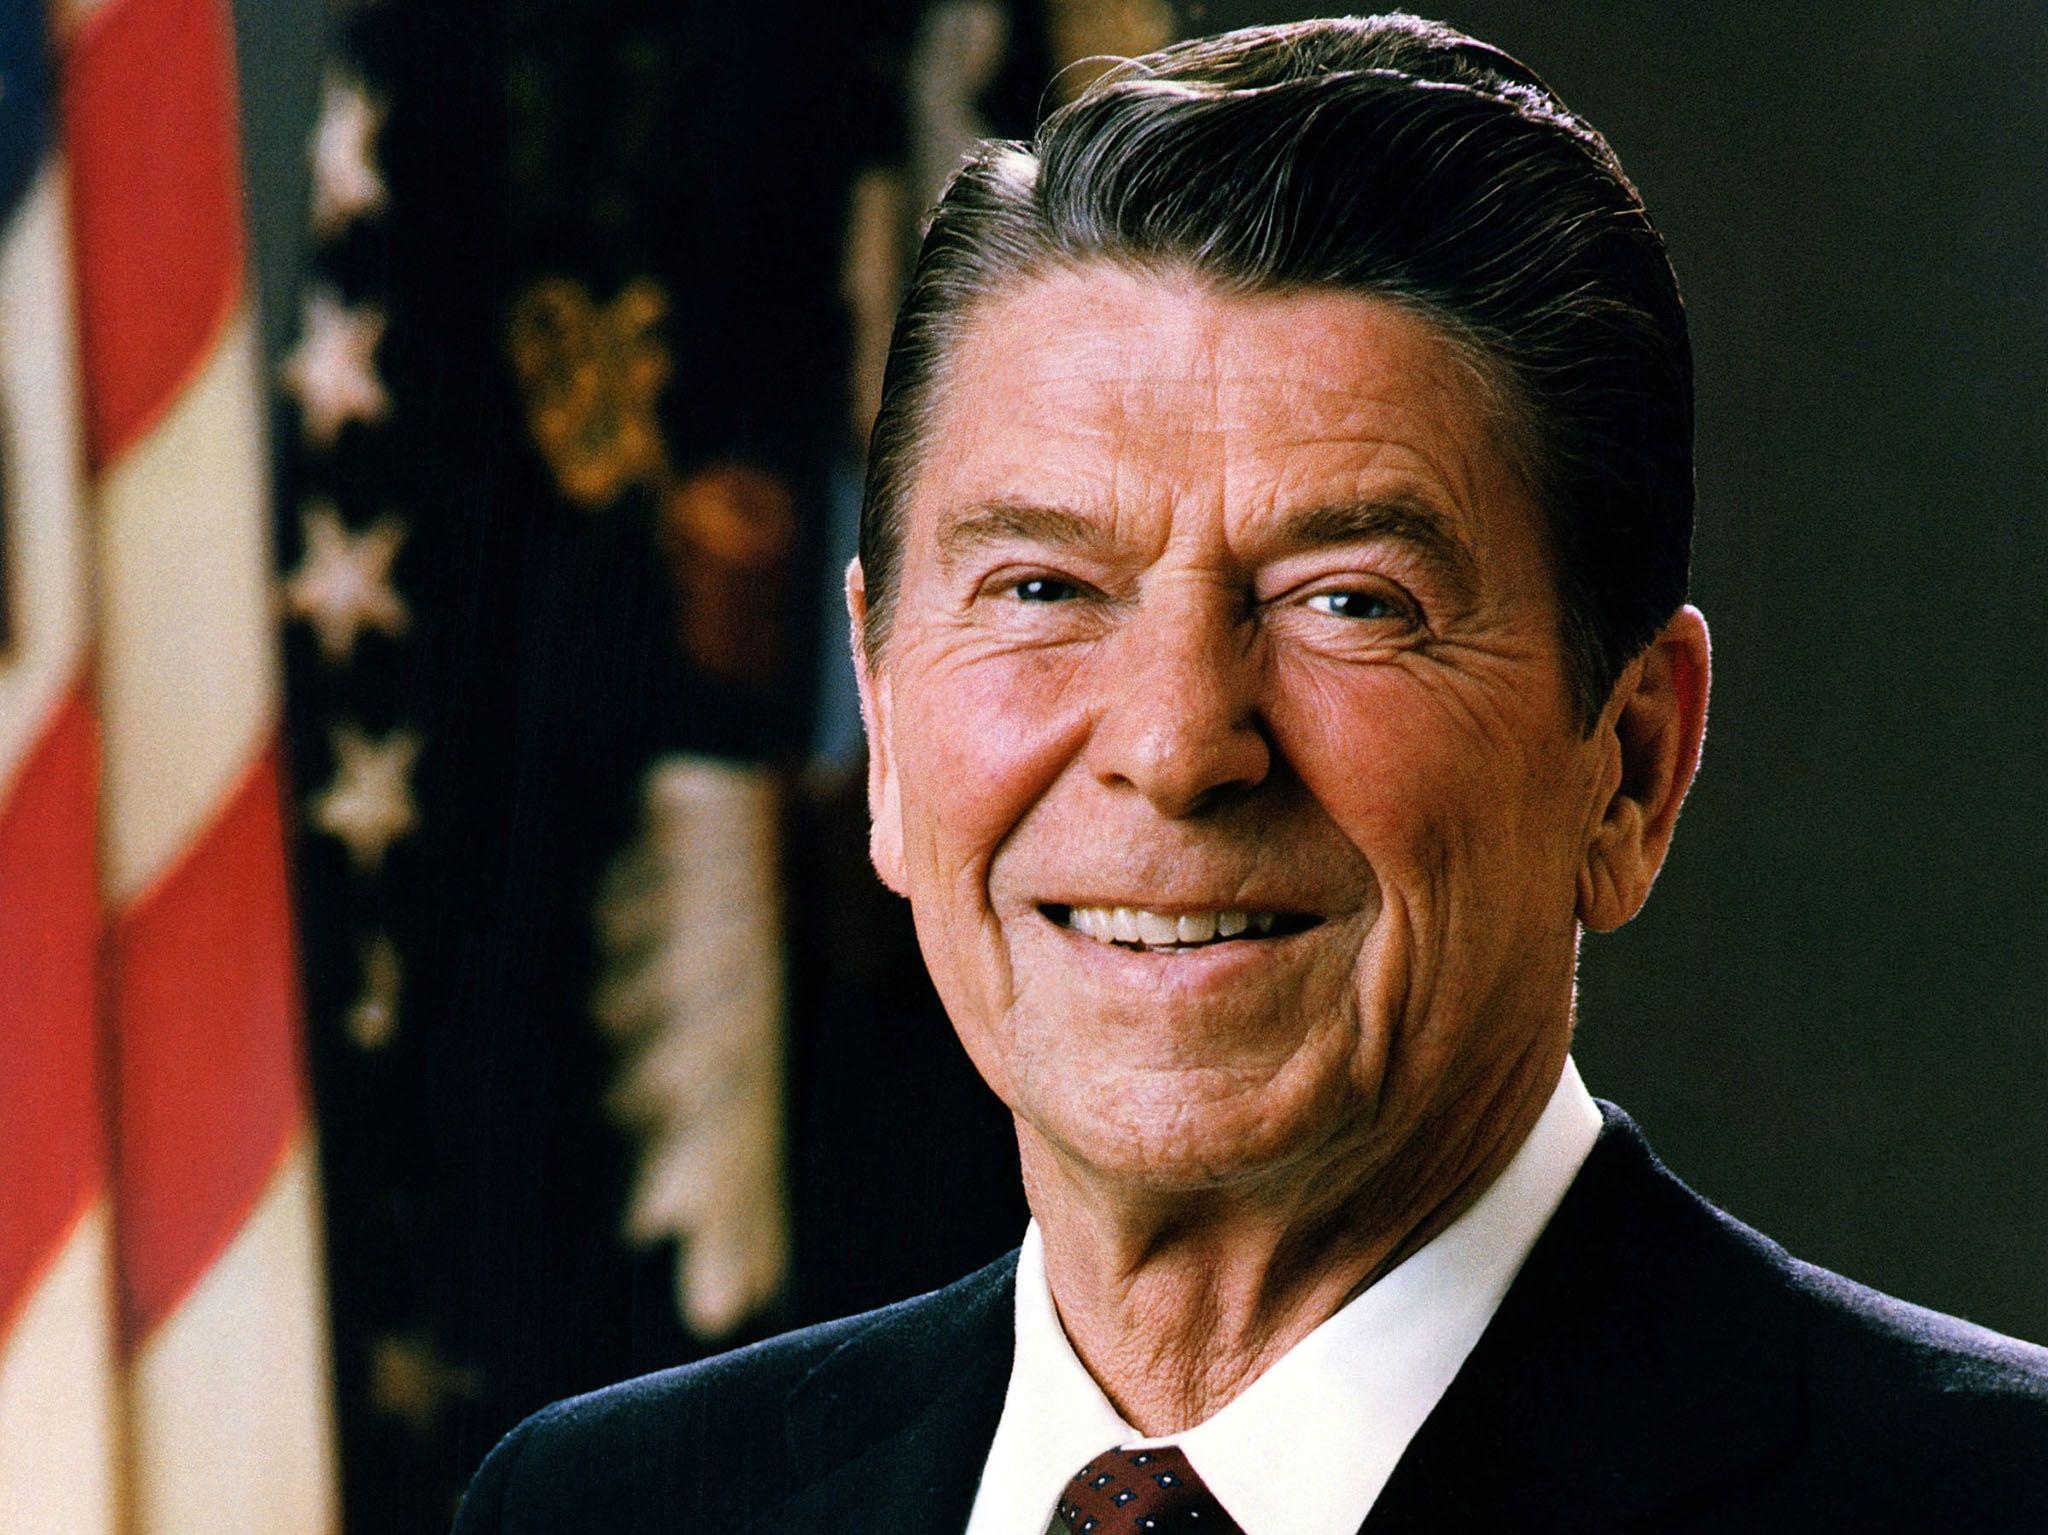 Ronald Reagan, ritratto ufficiale della Casa Bianca, 1981. [Foto del giorno - gennaio 2017]